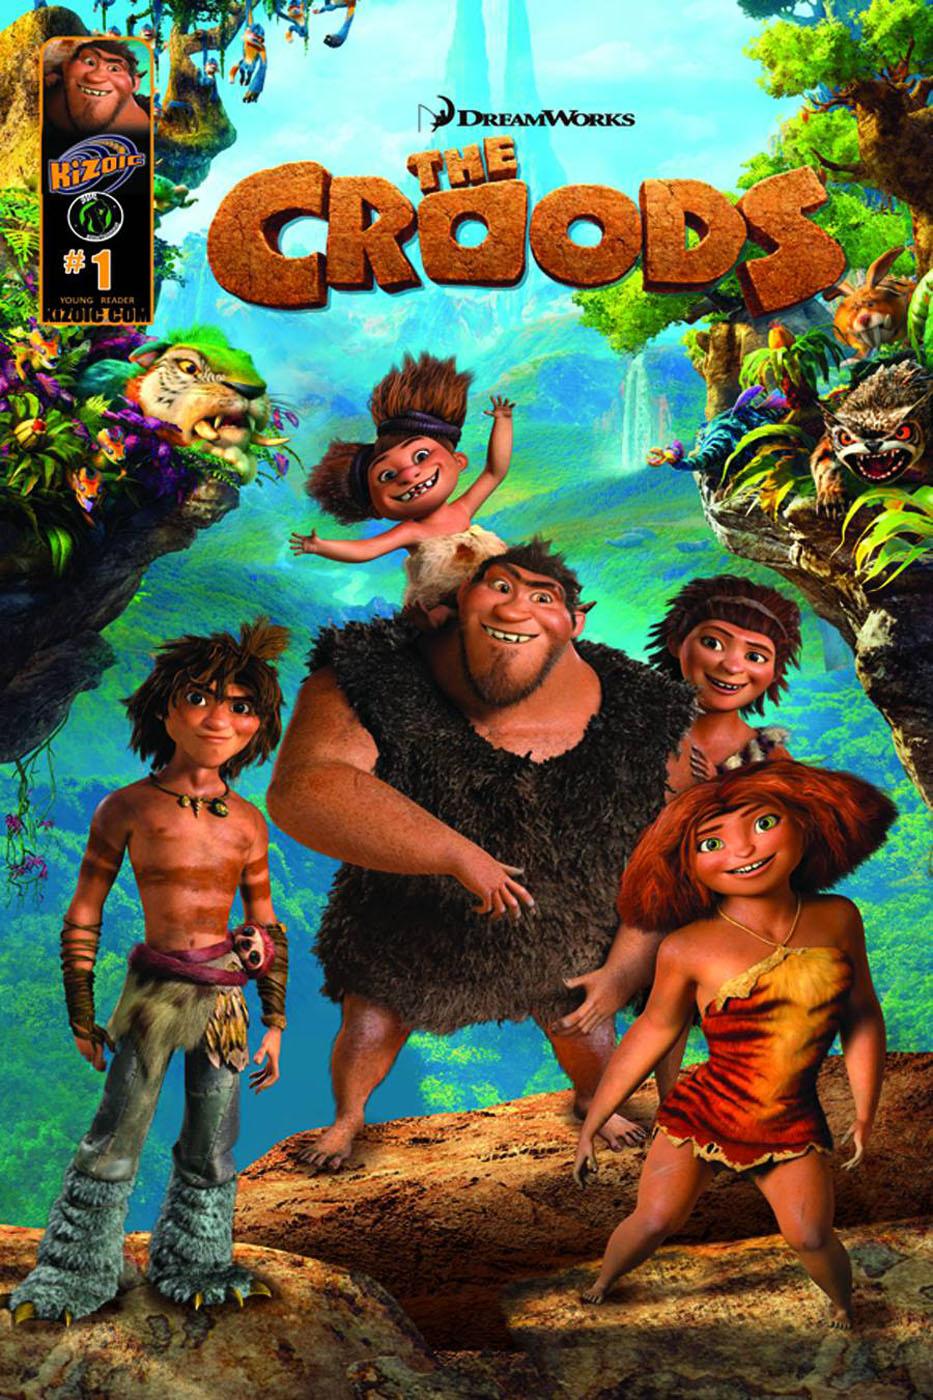 Phim Cuộc Phiêu Lưu Của Nhà Croods Full Hd - The Croods 2013